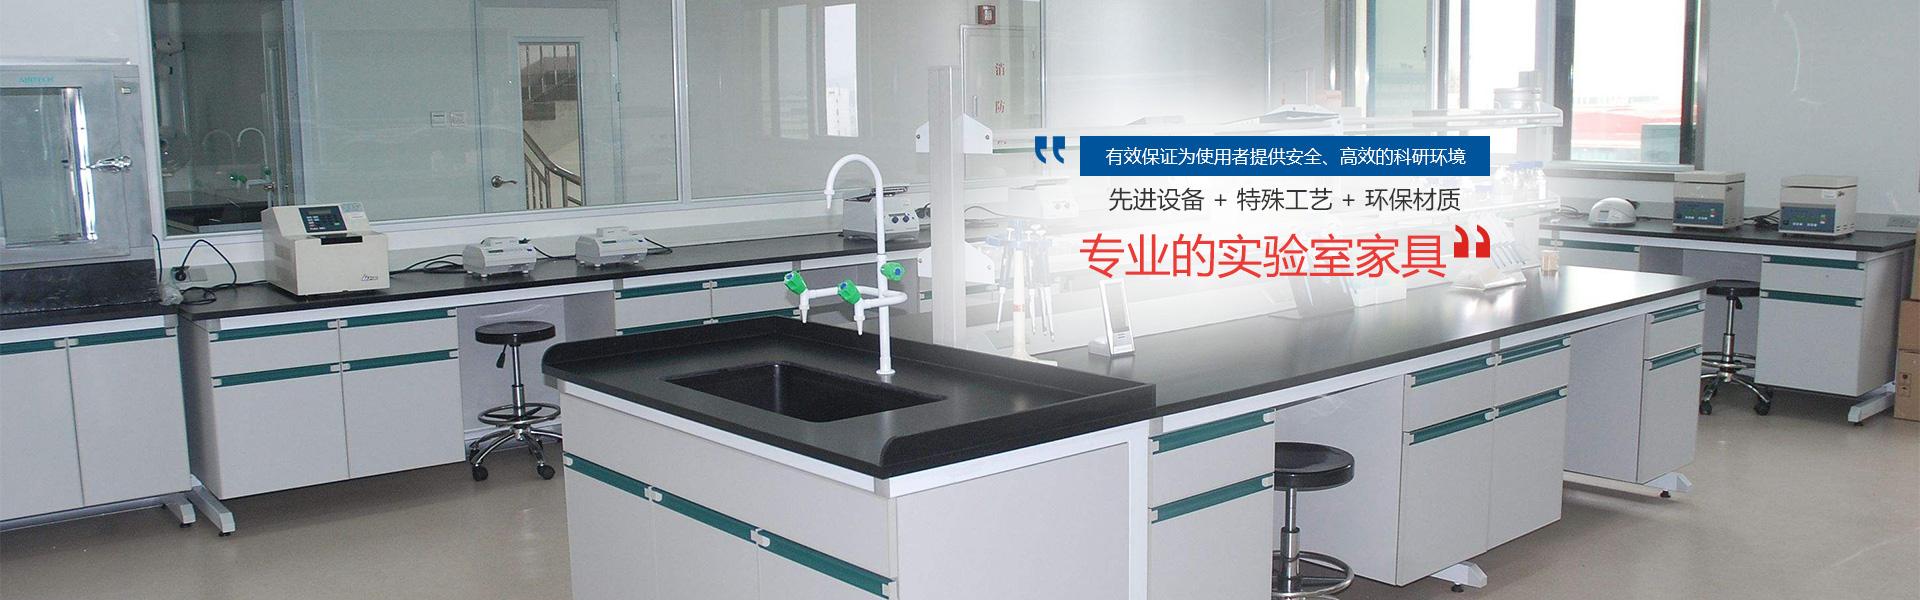 重庆实验室家具厂家